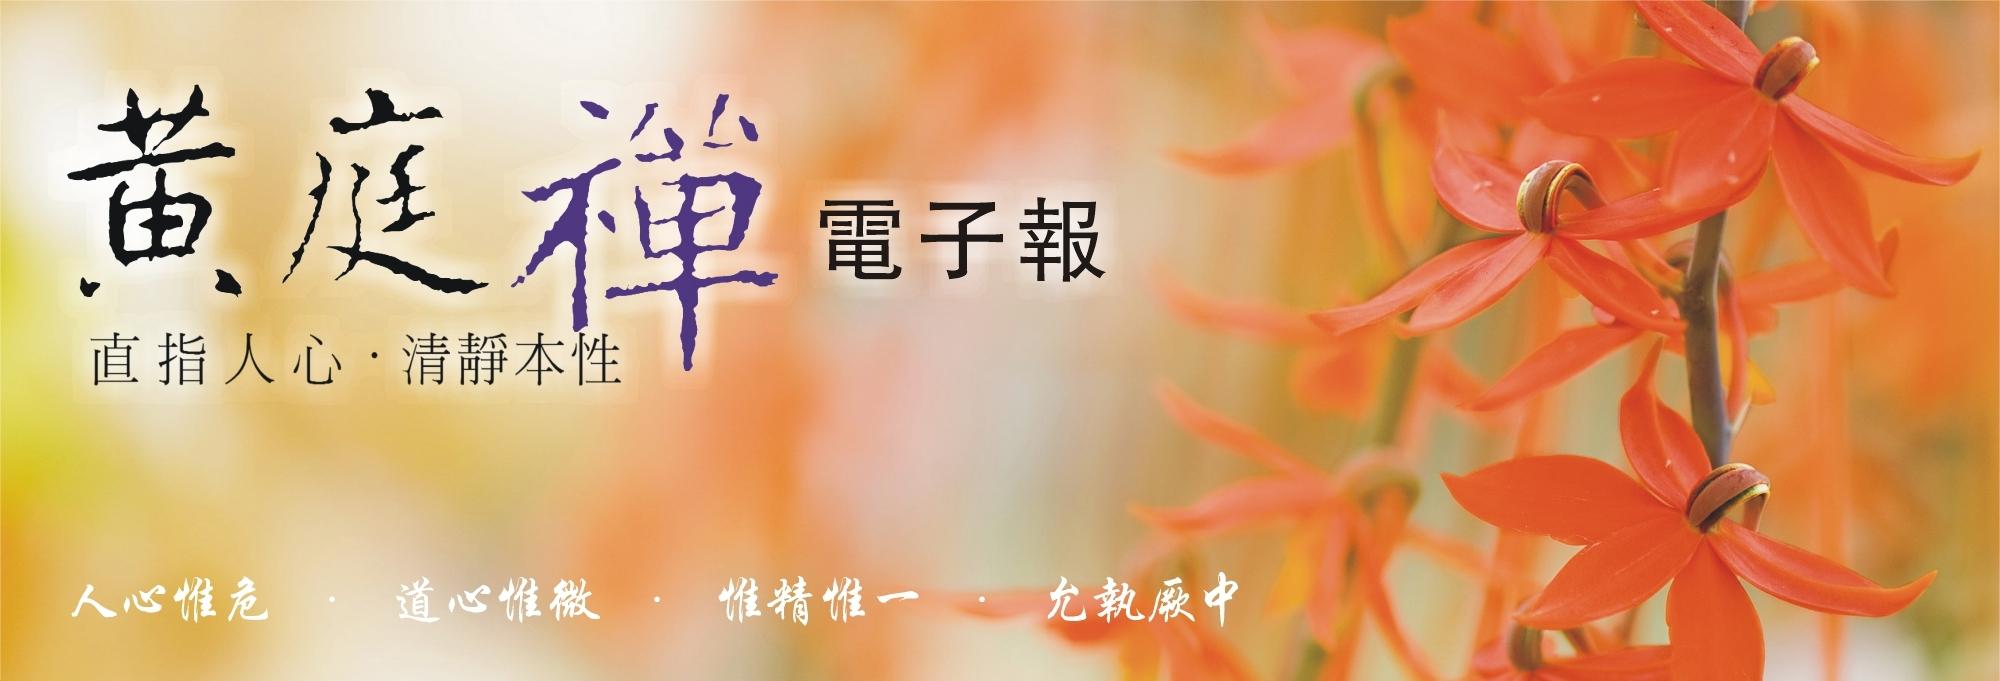 中華黃庭禪學會2016.09.01電子報